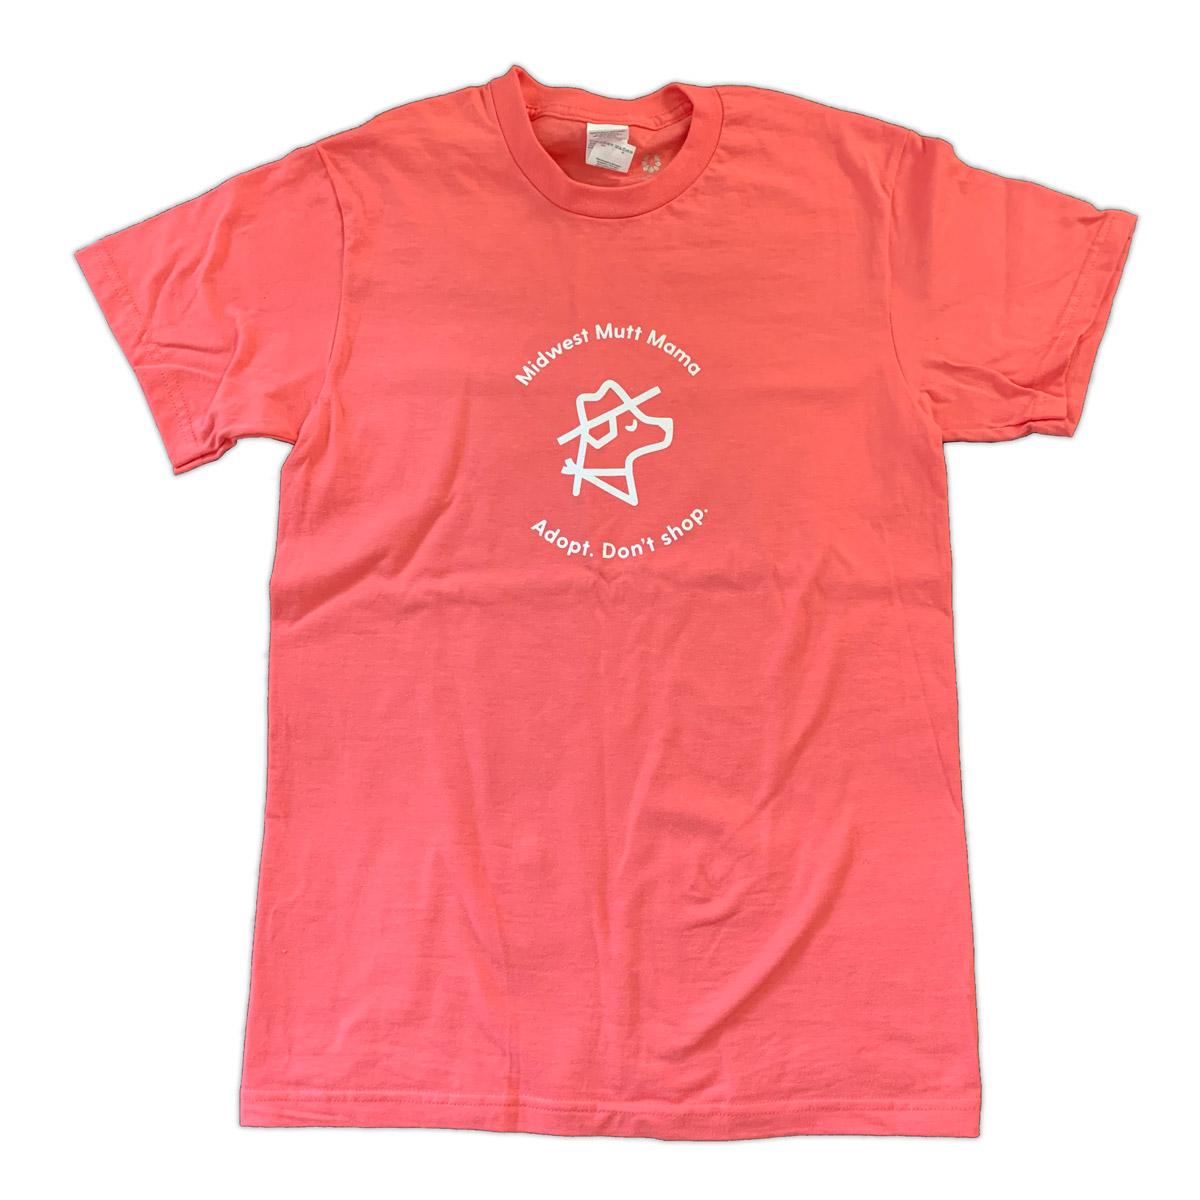 Midwest Mutt Mama T-Shirt